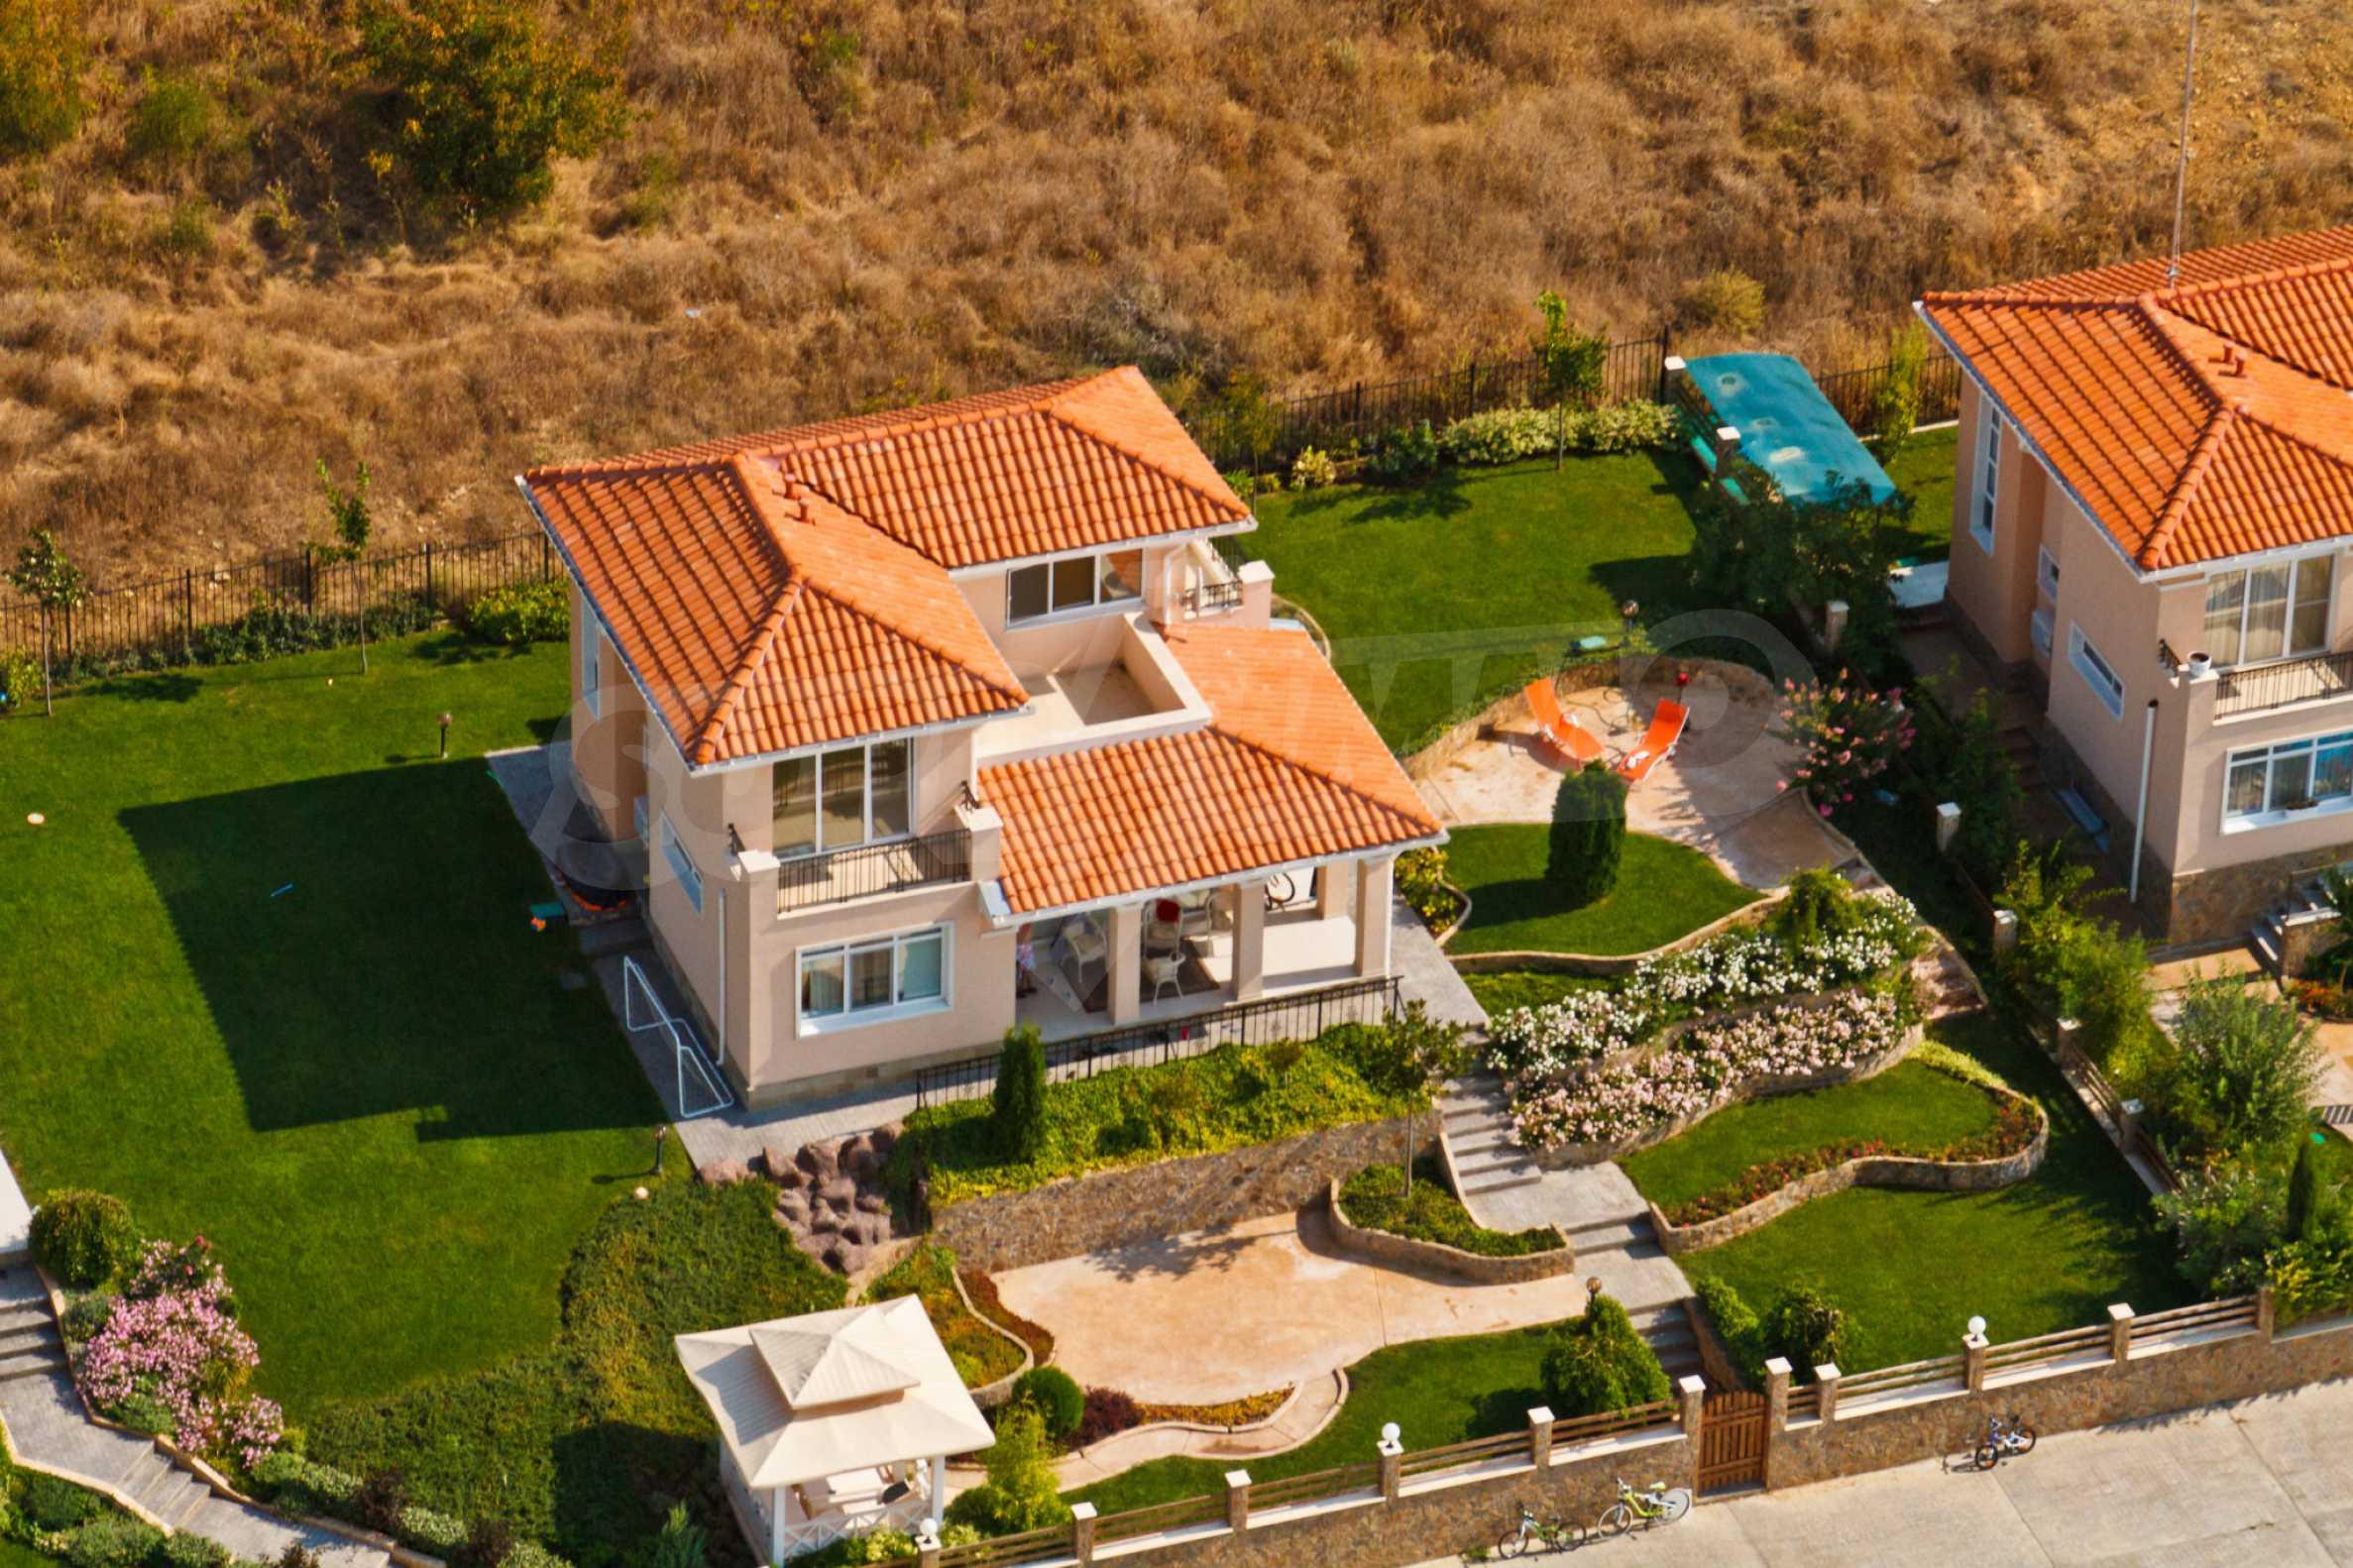 Erschlossene Grundstücke in der luxuriösen Villa-Siedlung SUNSET VILLAS 13